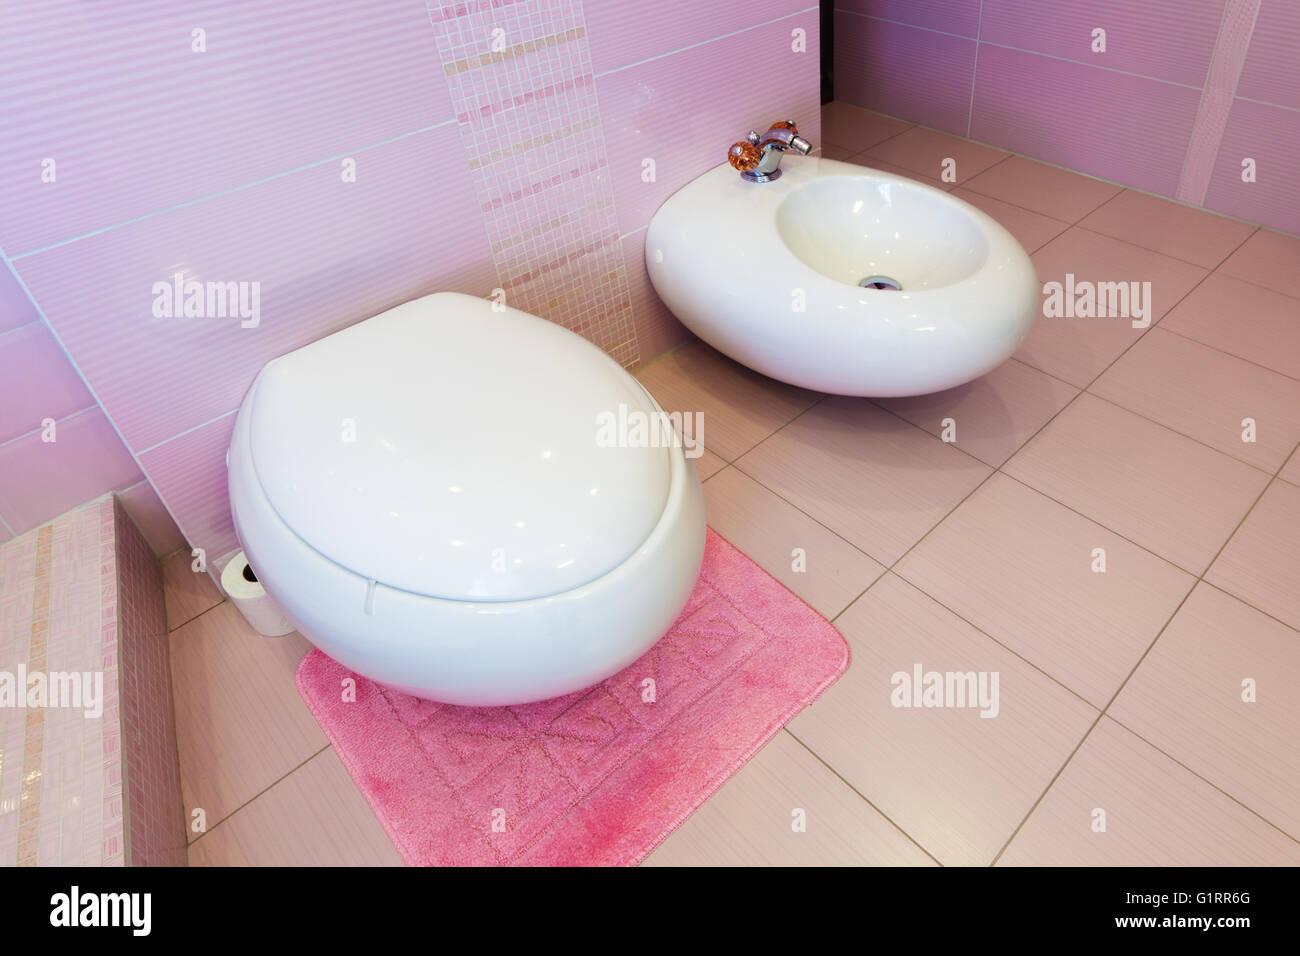 WC und Bidet in einem schönen rosa Badezimmer Stockfoto, Bild ...